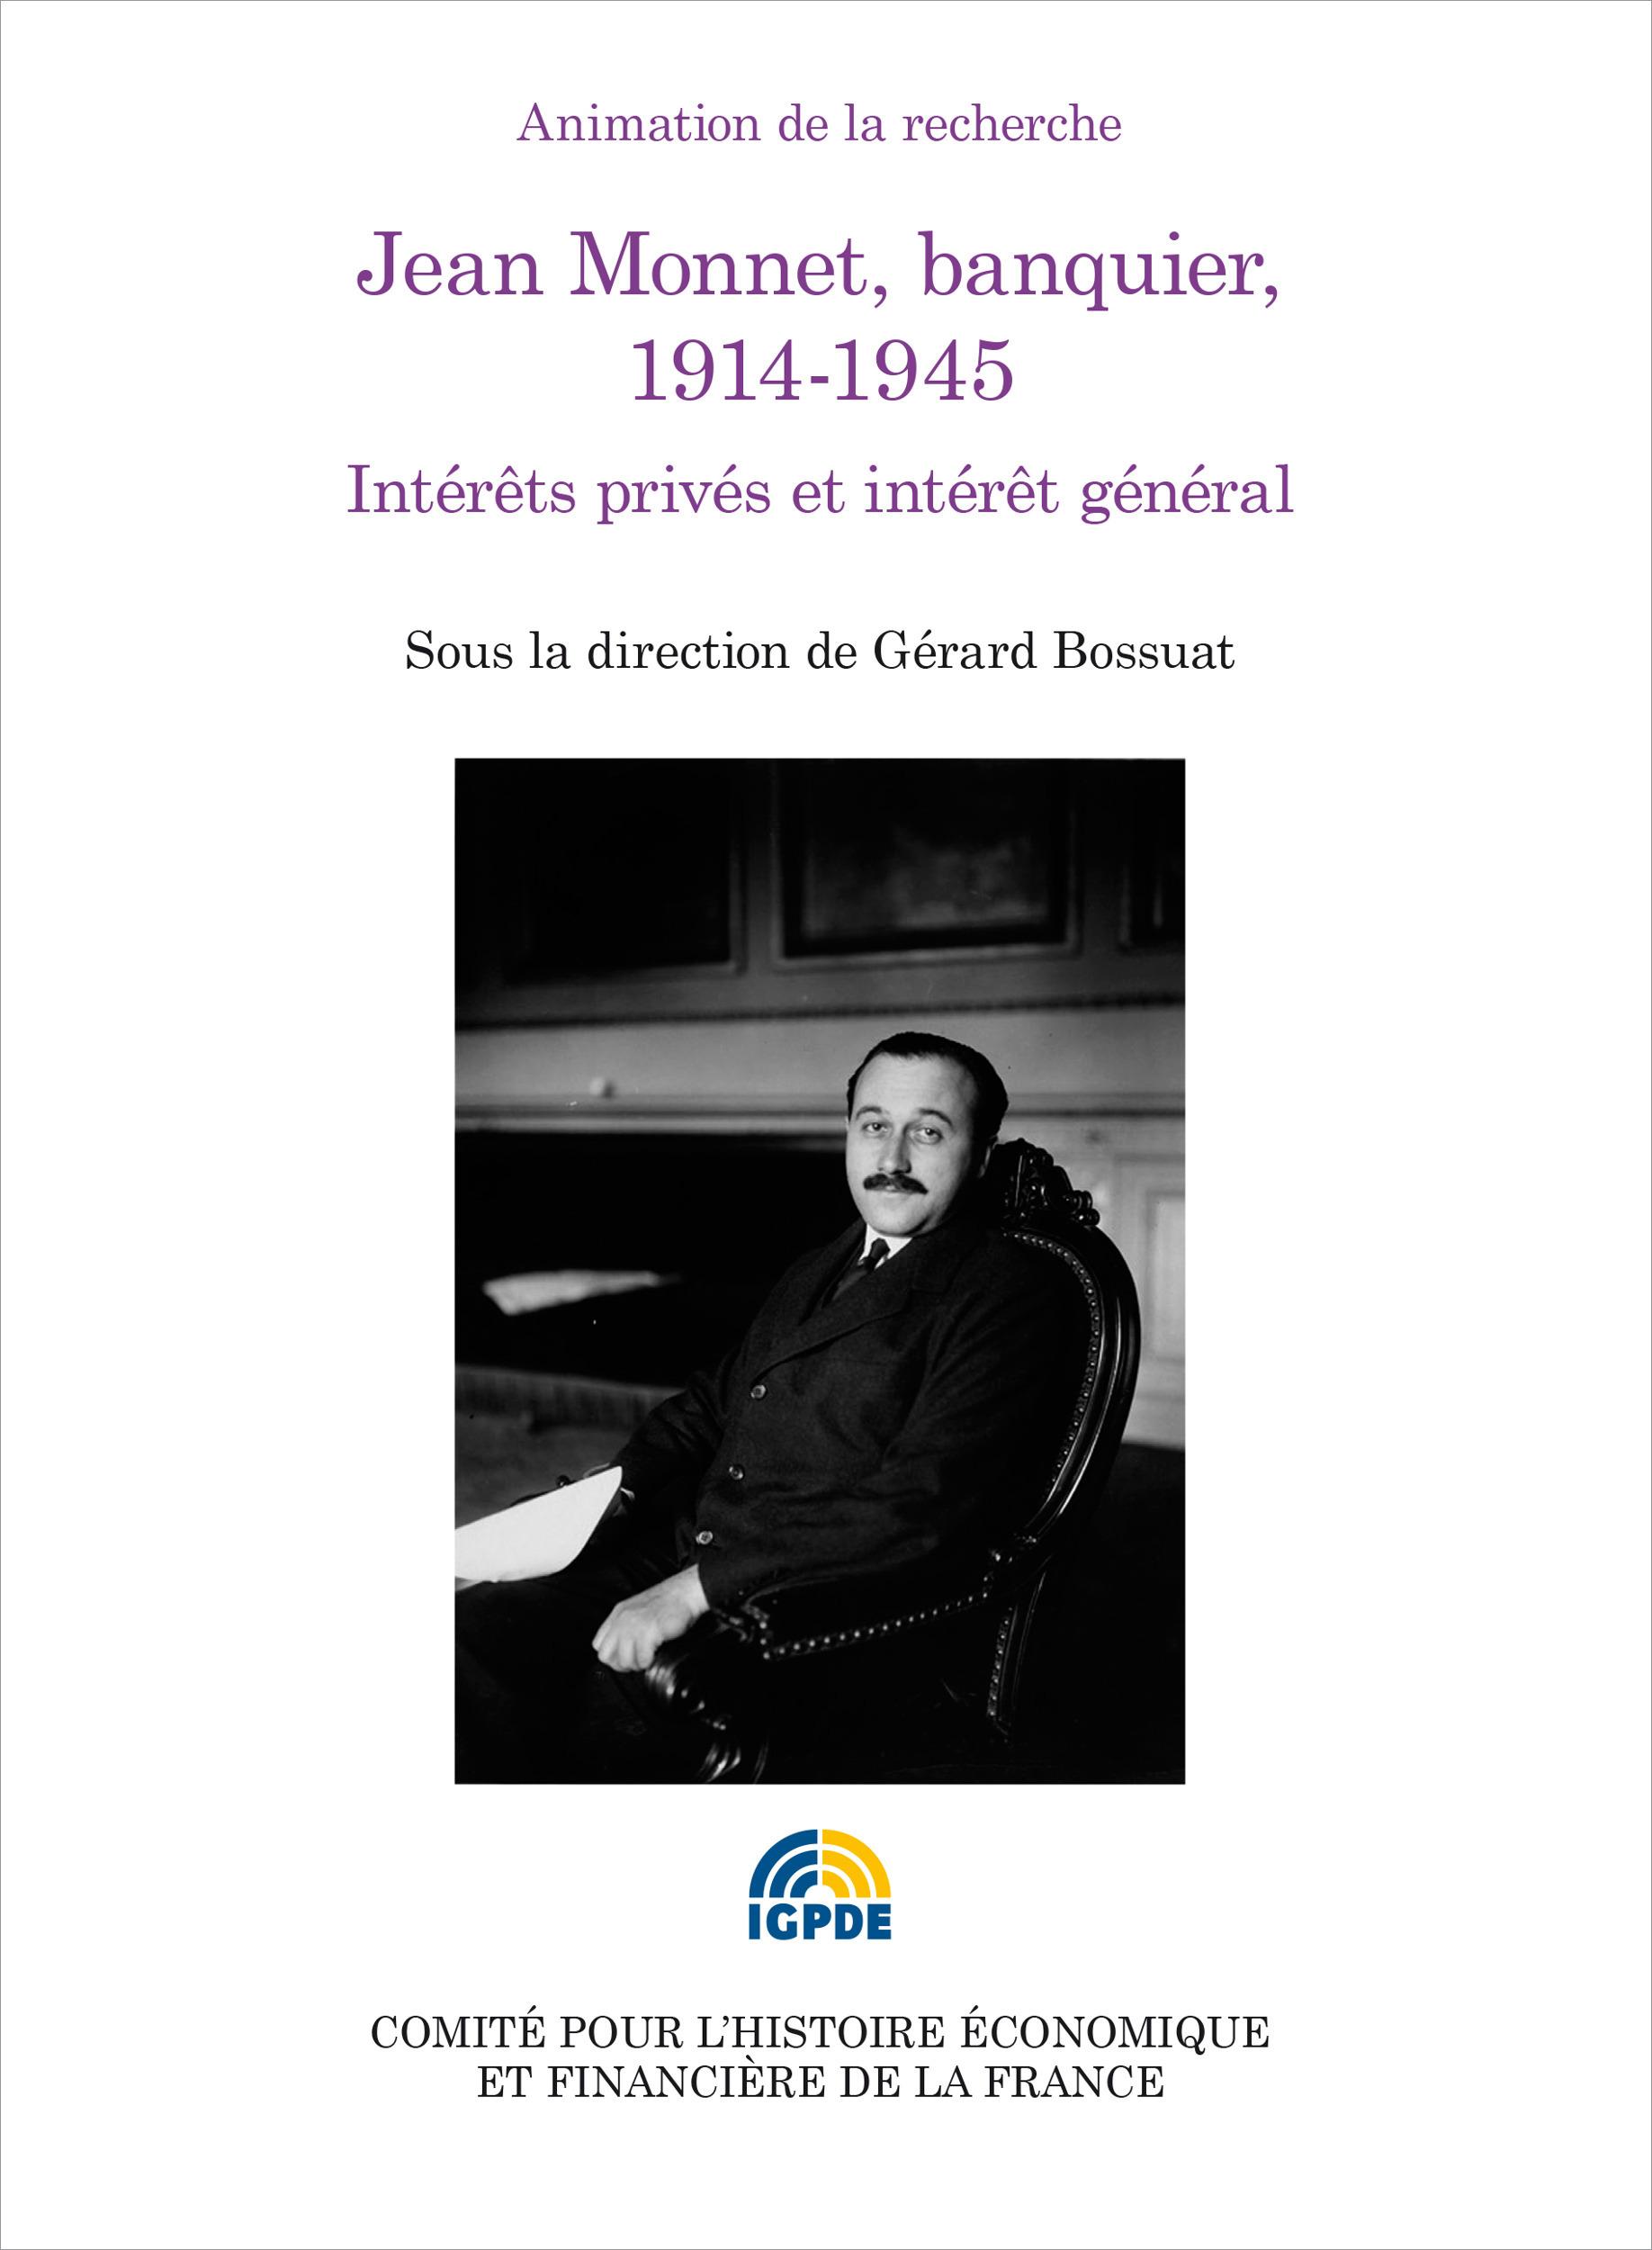 Jean Monnet, banquier, 1914-1945 ; intérêts privés et intérêt général